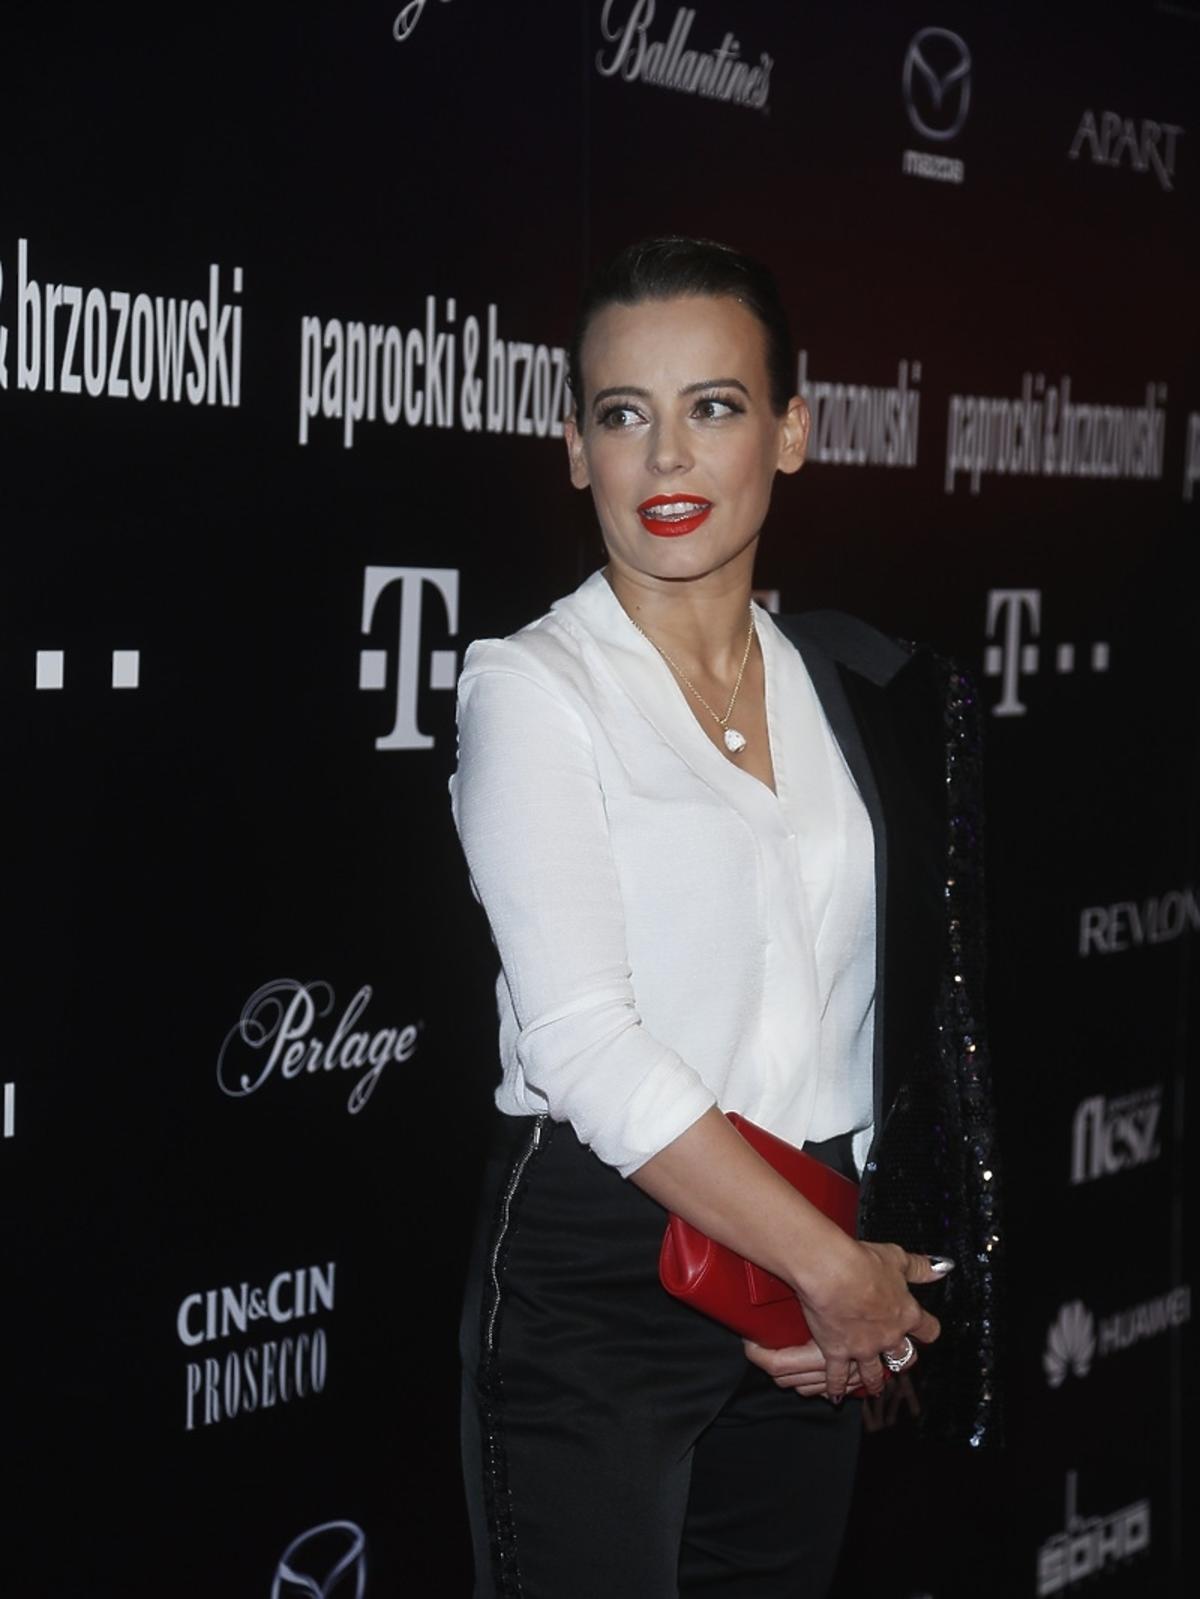 Anna Mucha na pokazie Paprocki&Brzozowskia